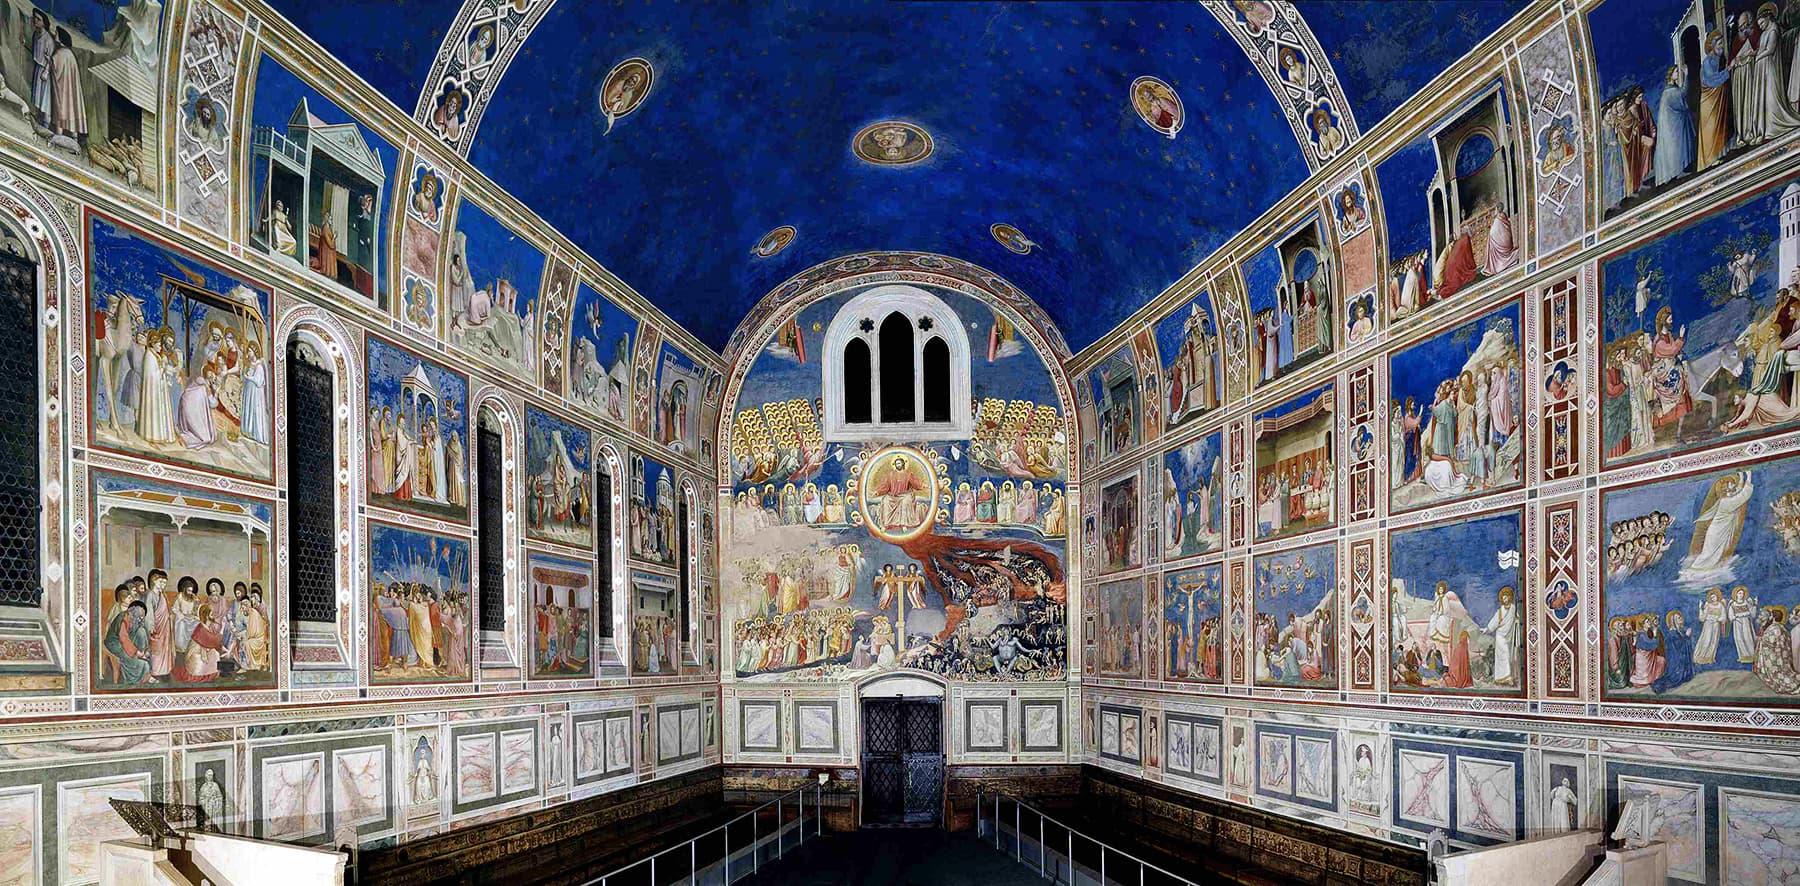 سکرووینی کلیسا(ایرینا چیپل) کا داخلی دروازہ سامنے دیکھا جا سکتا ہے۔